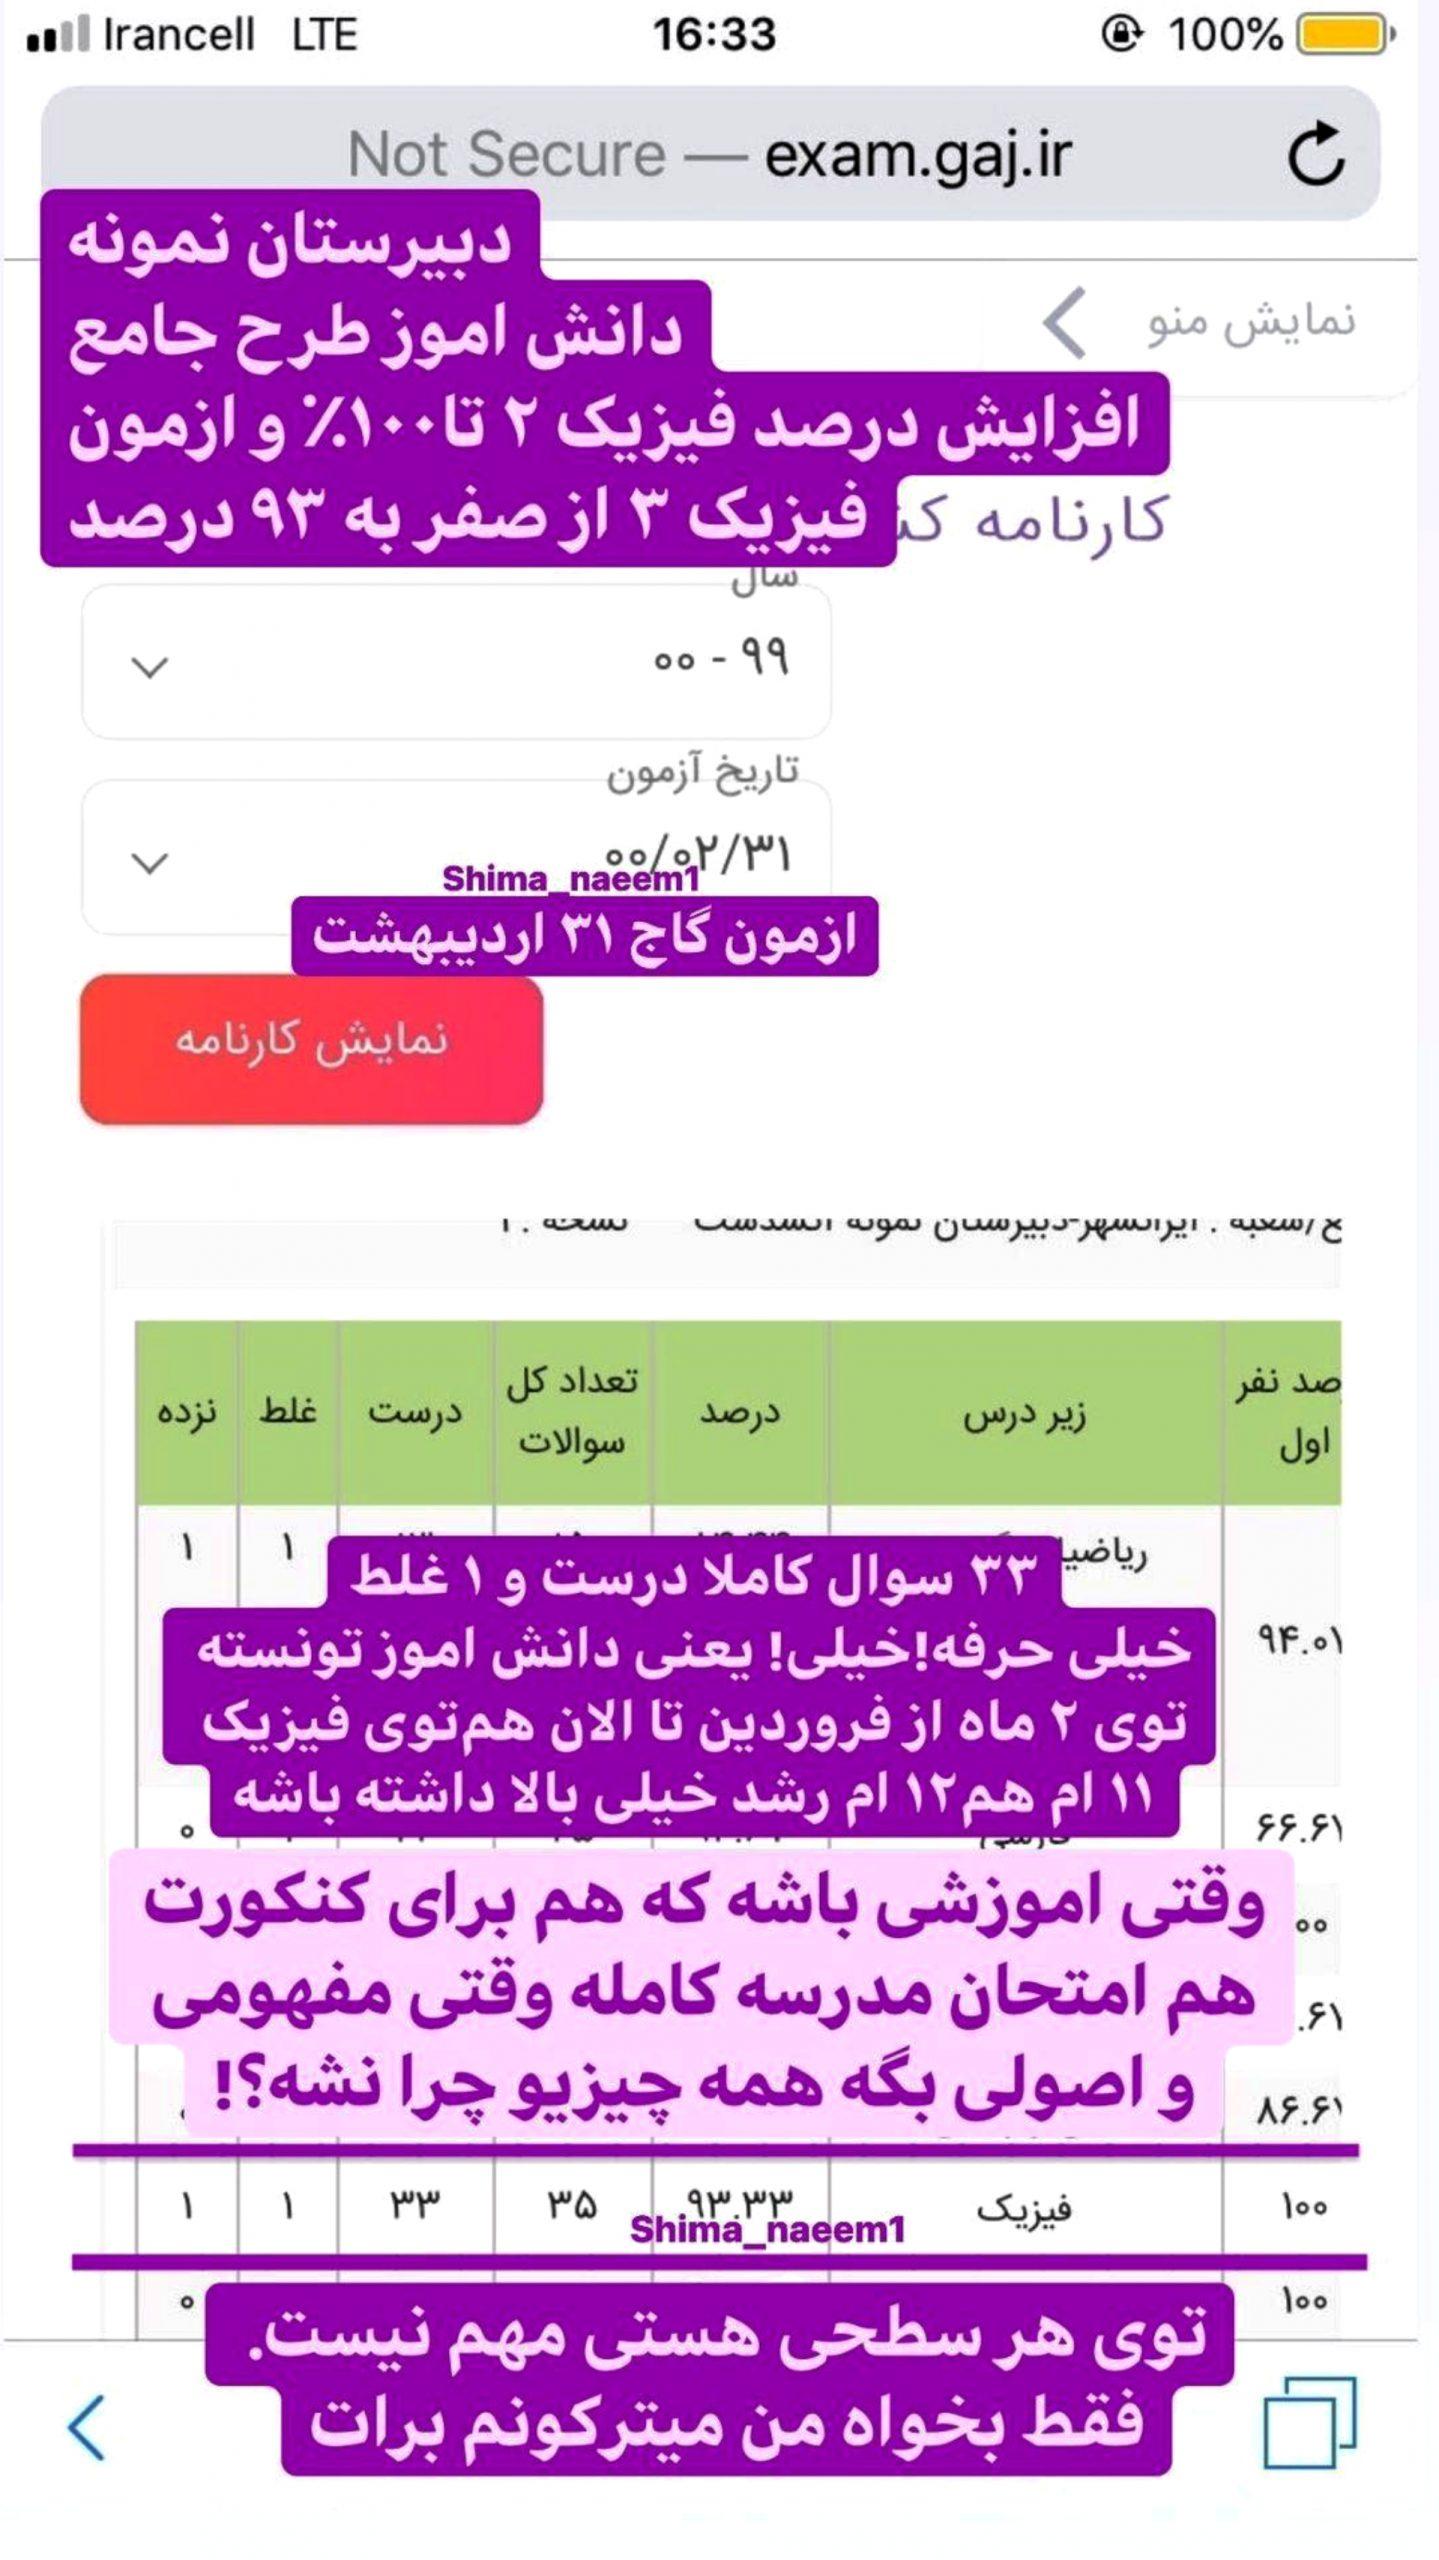 InShot_۲۰۲۱۰۷۱۰_۲۰۲۷۰۰۶۰۰